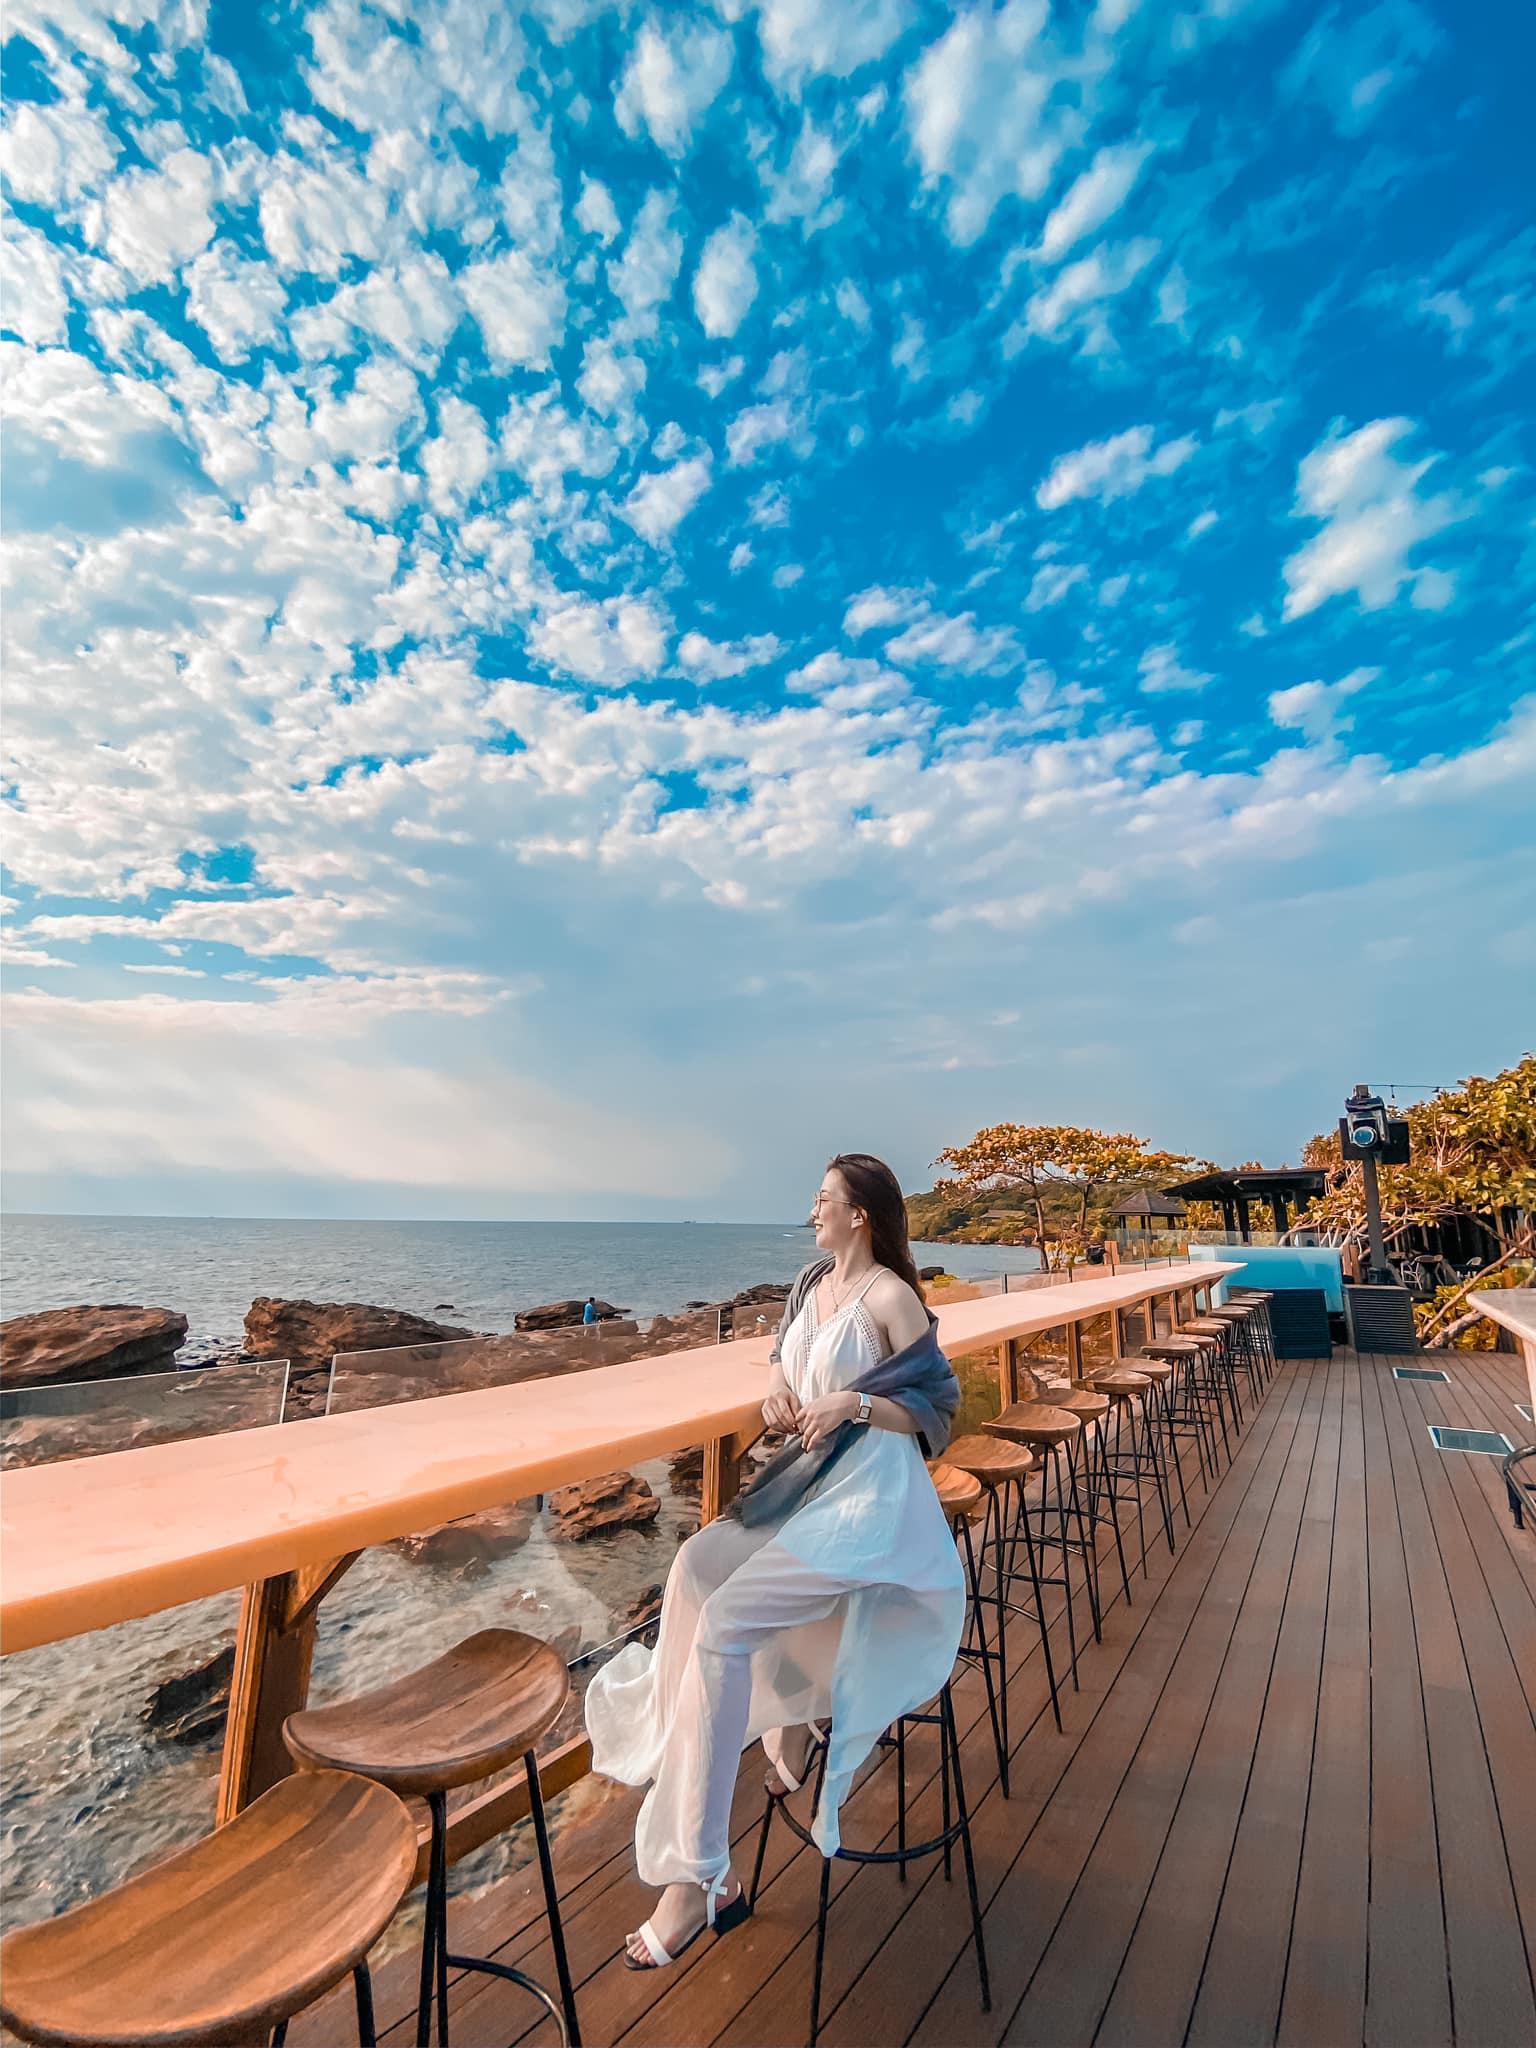 Tour du lịch Phú Quốc khởi hành từ Rạch Giá: Vô vàn ưu đãi trong dịp hè này  - Ảnh 30.